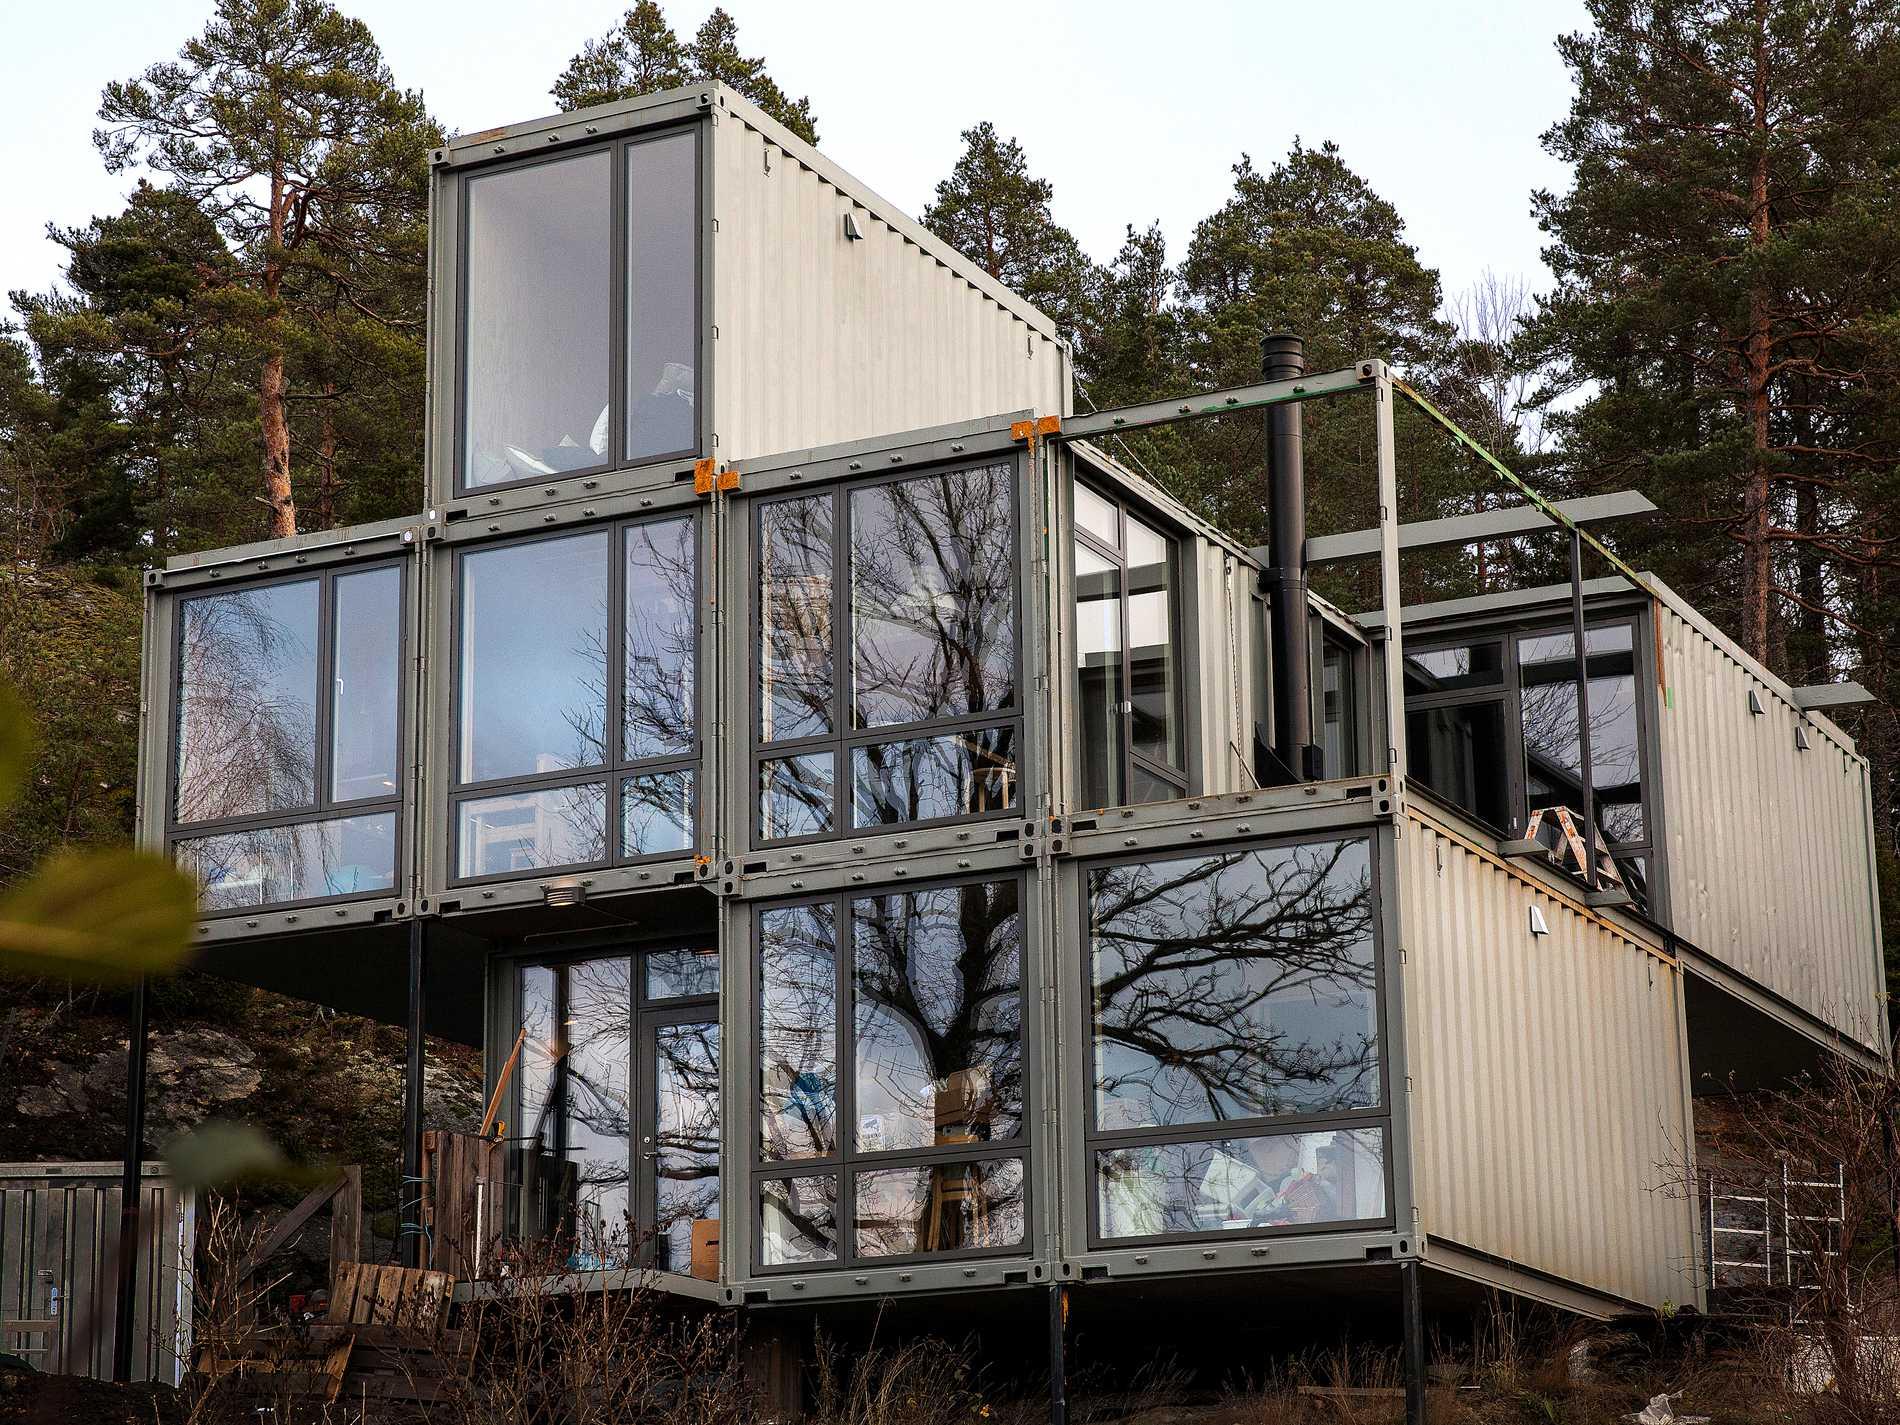 Den omsorgsfullt utprovade fasadfärgen som täcker  containrarnas korrugerade plåt har samma färg som graniten i berget bakom, och trots storleken smälter det fint in i skogsmiljön  runt omkring. Fasaden är  i princip underhållsfri.